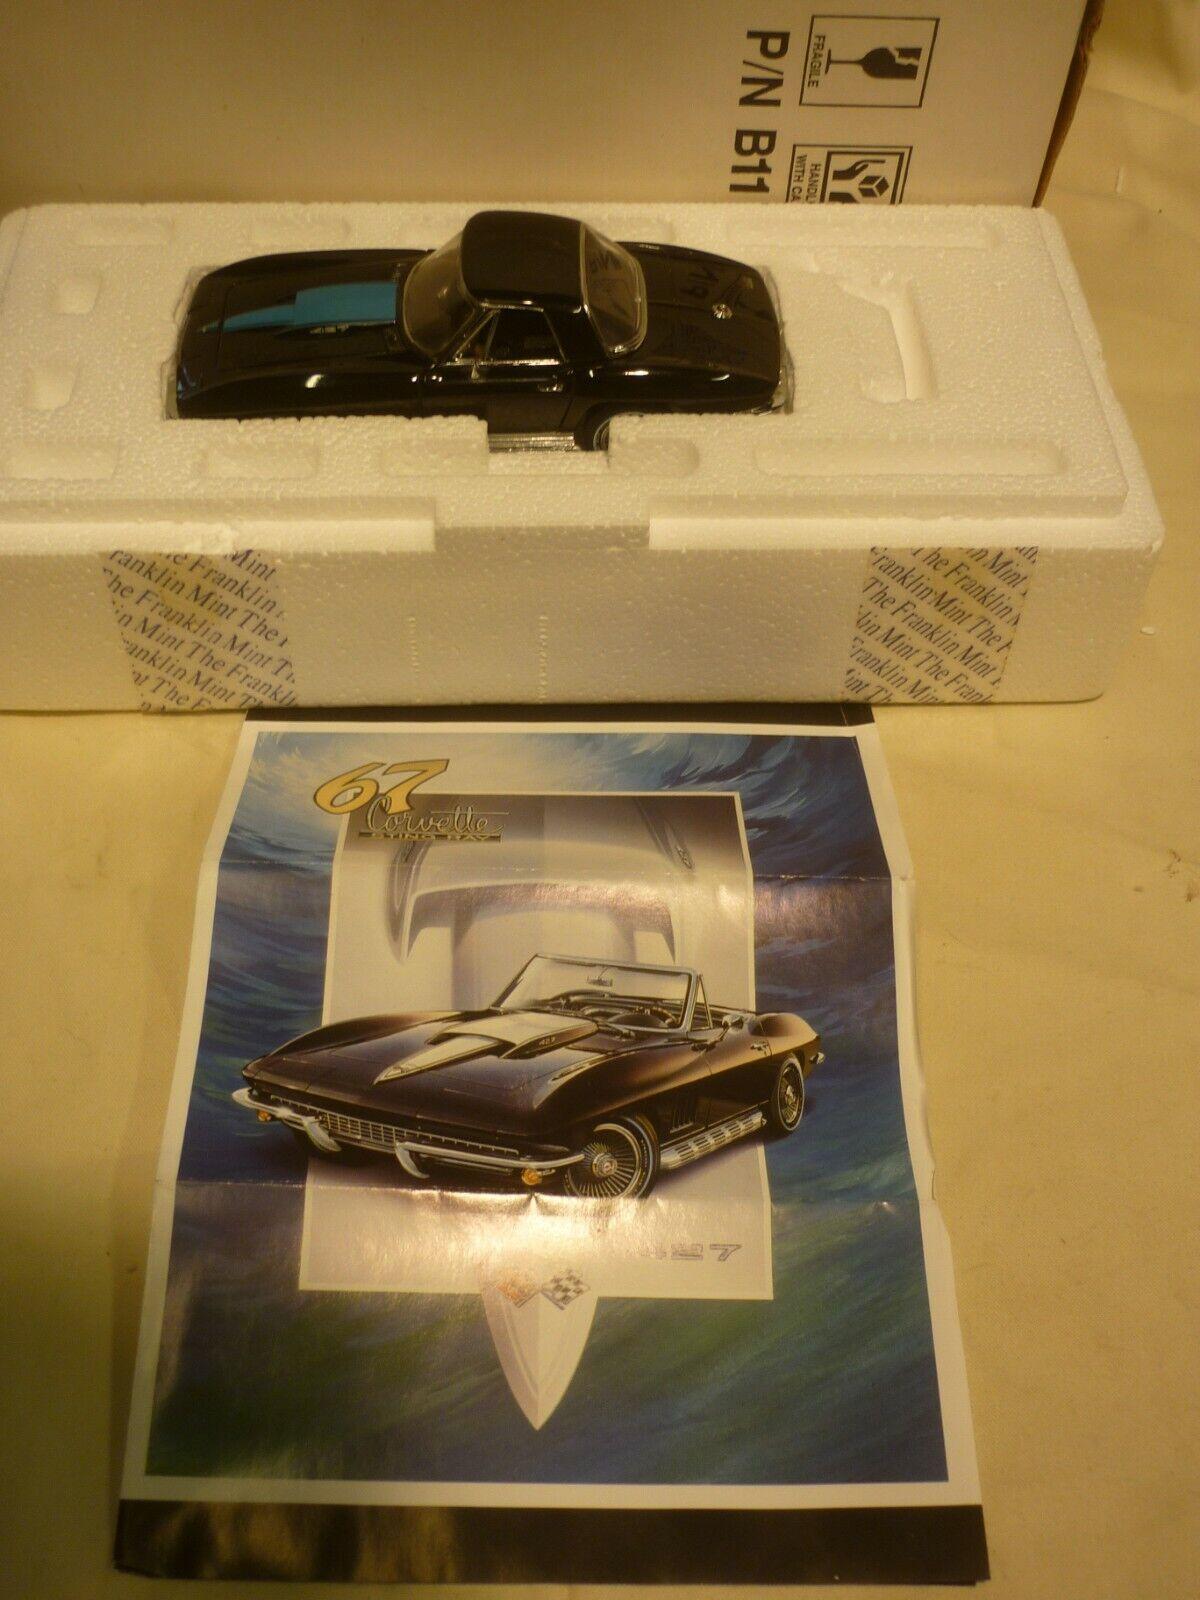 Une occasion FRANKLIN Comme neuf 1967  Chevrolet Corvette, Boxed, papiers,  économiser 50% -75% de réduction